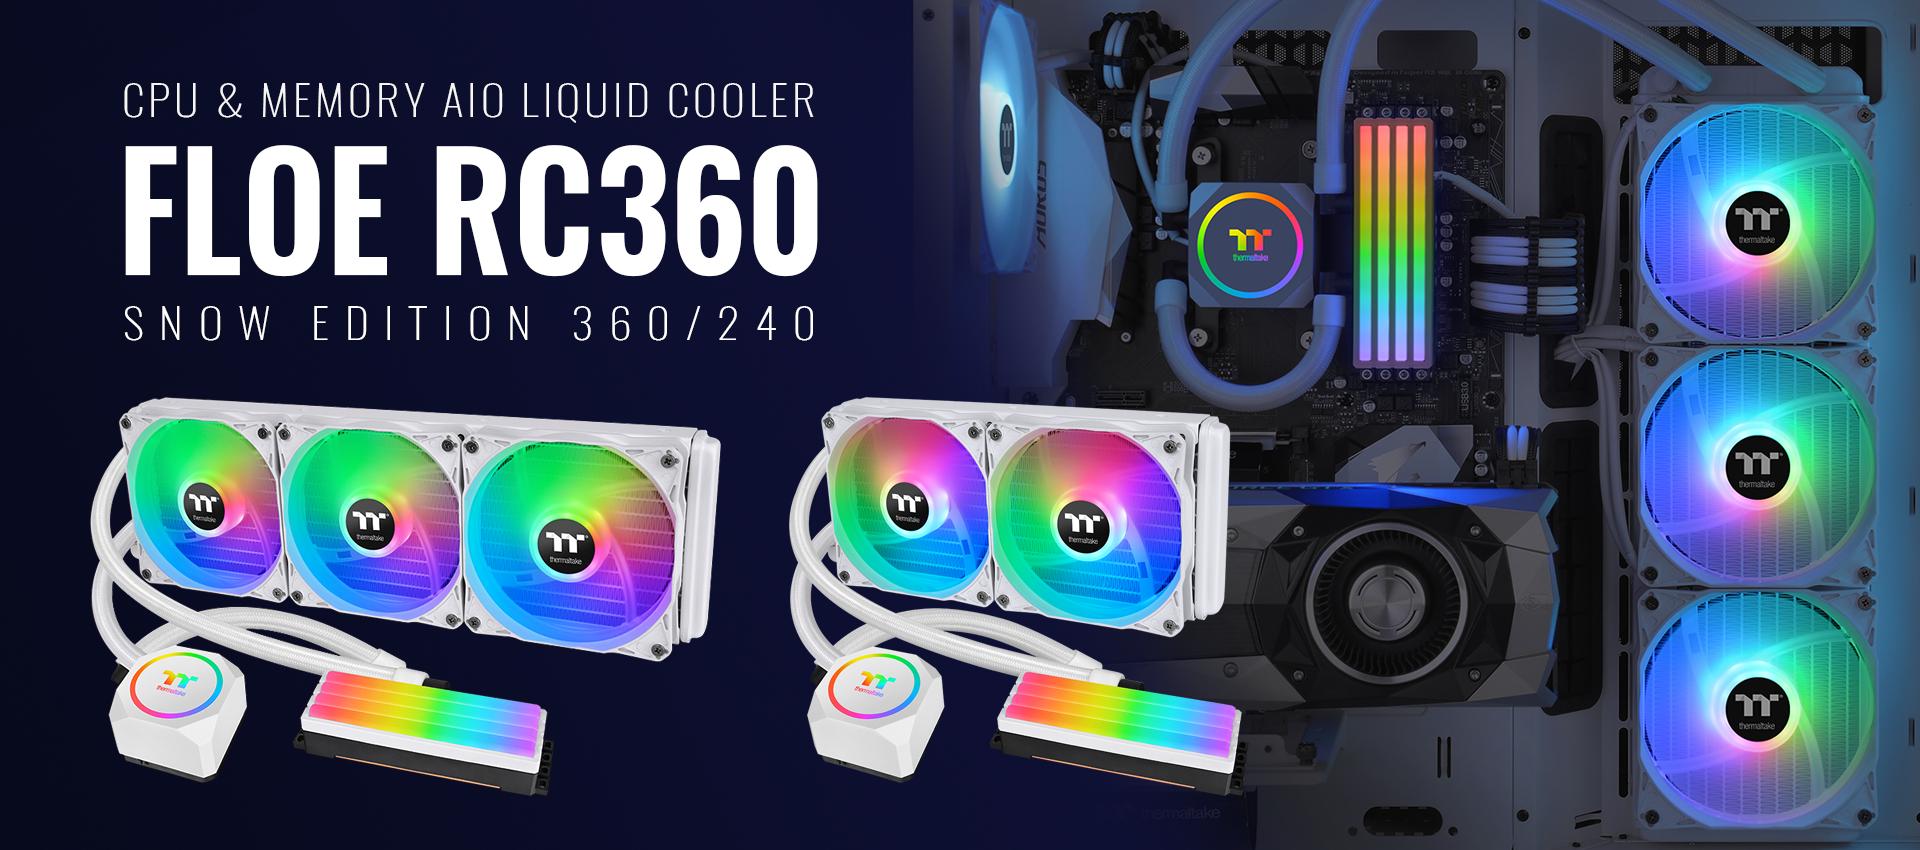 CPU & Memory AIO Liquid Cooler